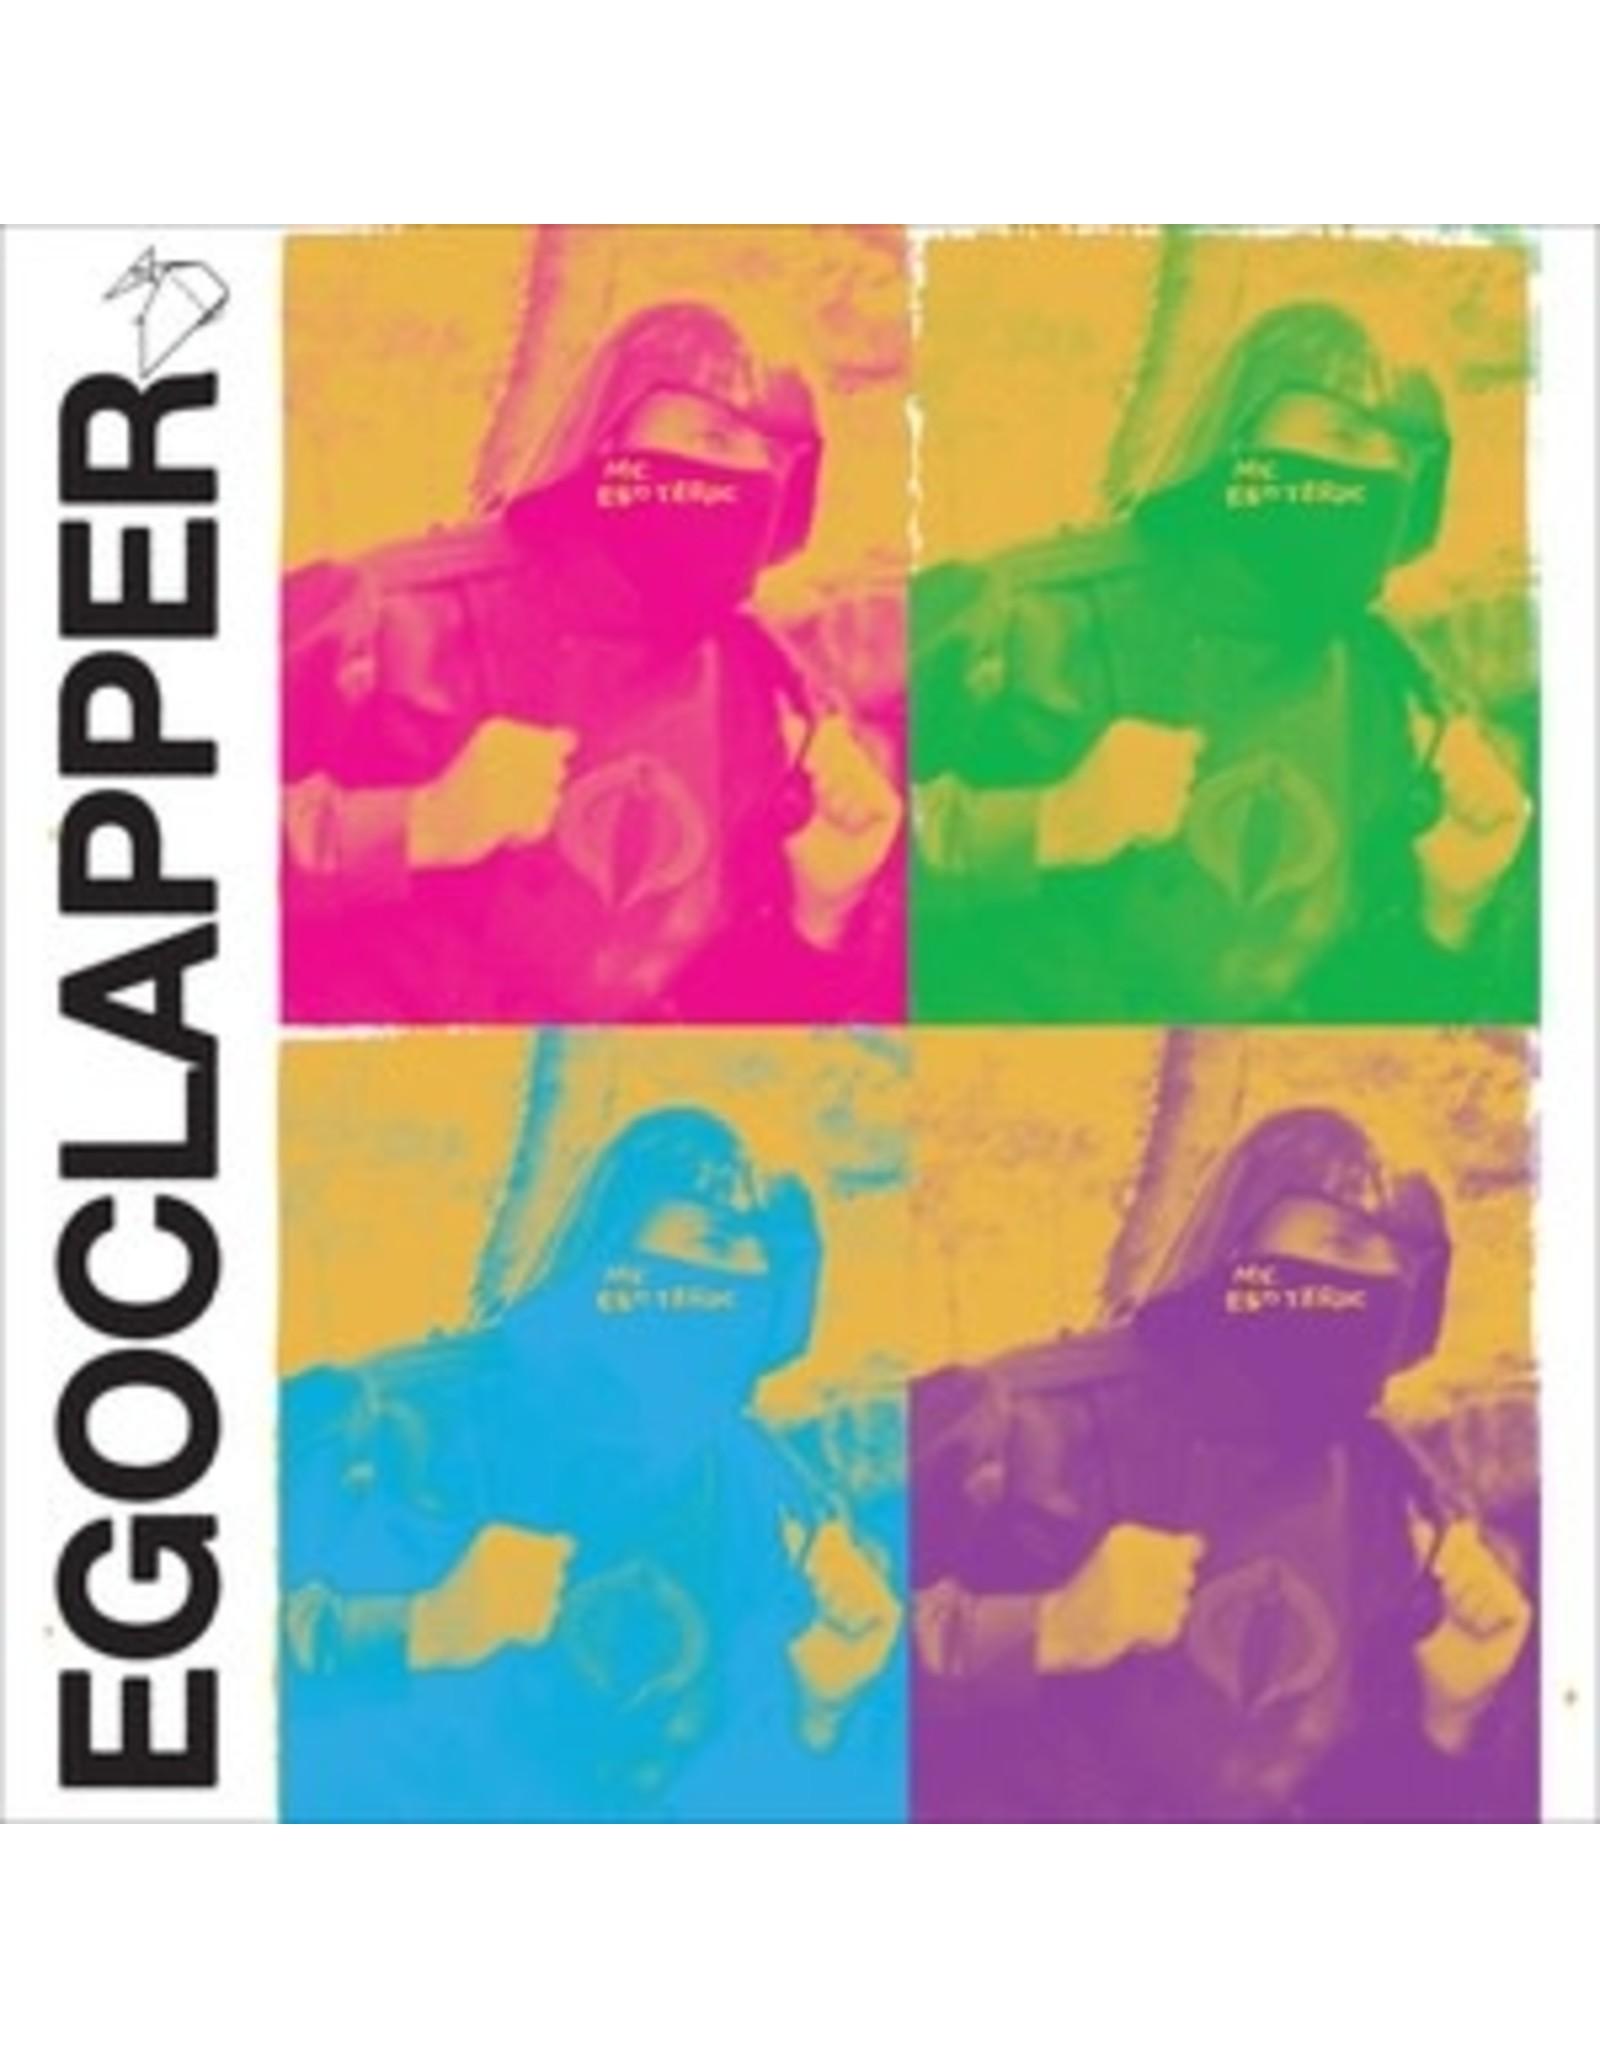 New Vinyl Esoteric - Egoclapper LP